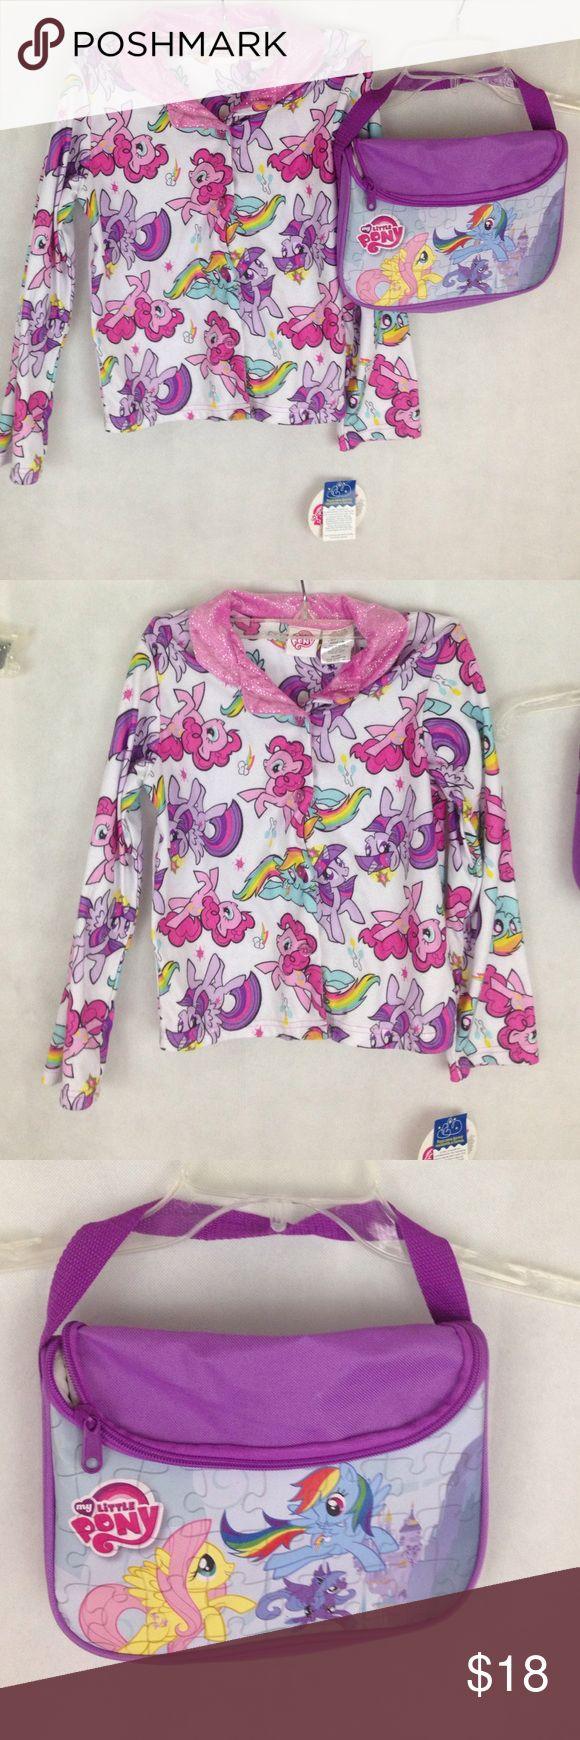 Girls my little pony bundle sleep top and bag Girls my little pony bundle. Sleep top size 7/8 and small hand bag. My Little Pony Pajamas Pajama Tops